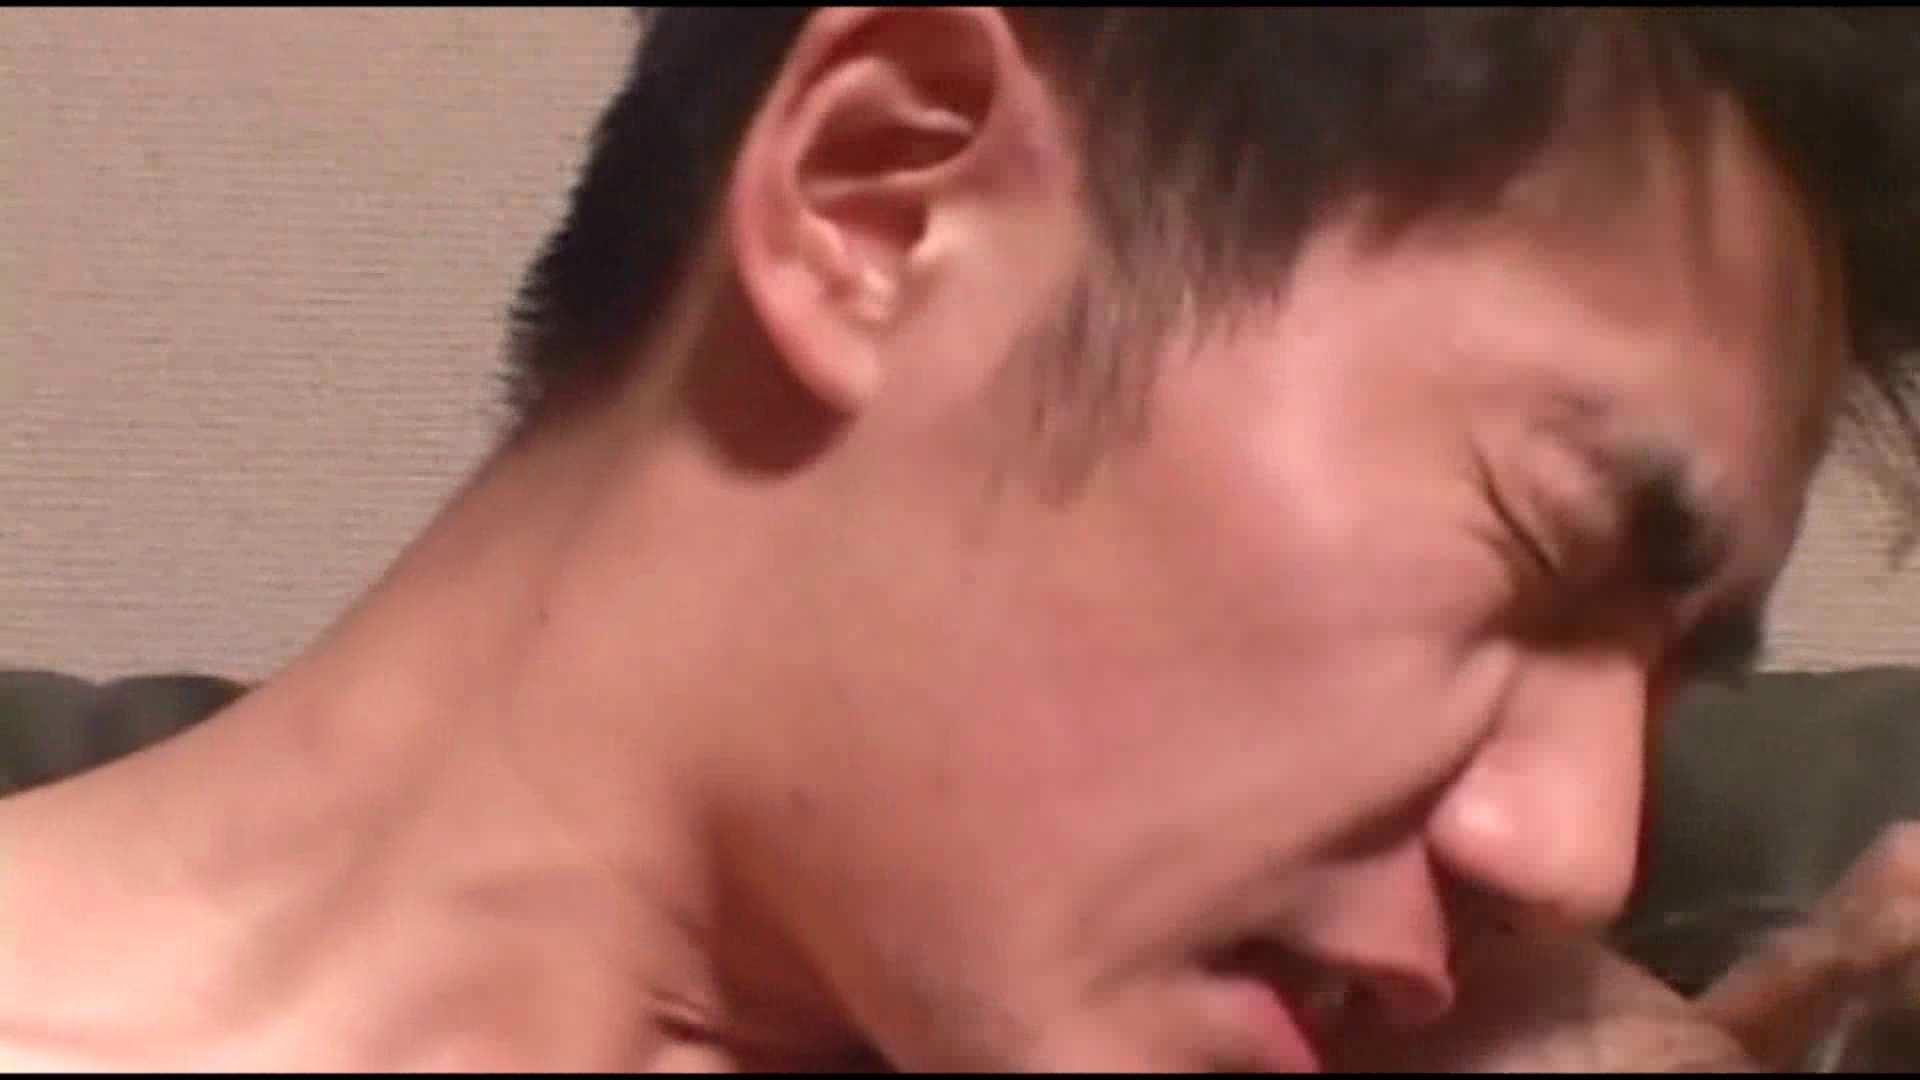 ショウ&ナオキのエロMAXファンタジーVOL.02(ショウ編) お掃除フェラ ゲイエロ動画 89連発 87